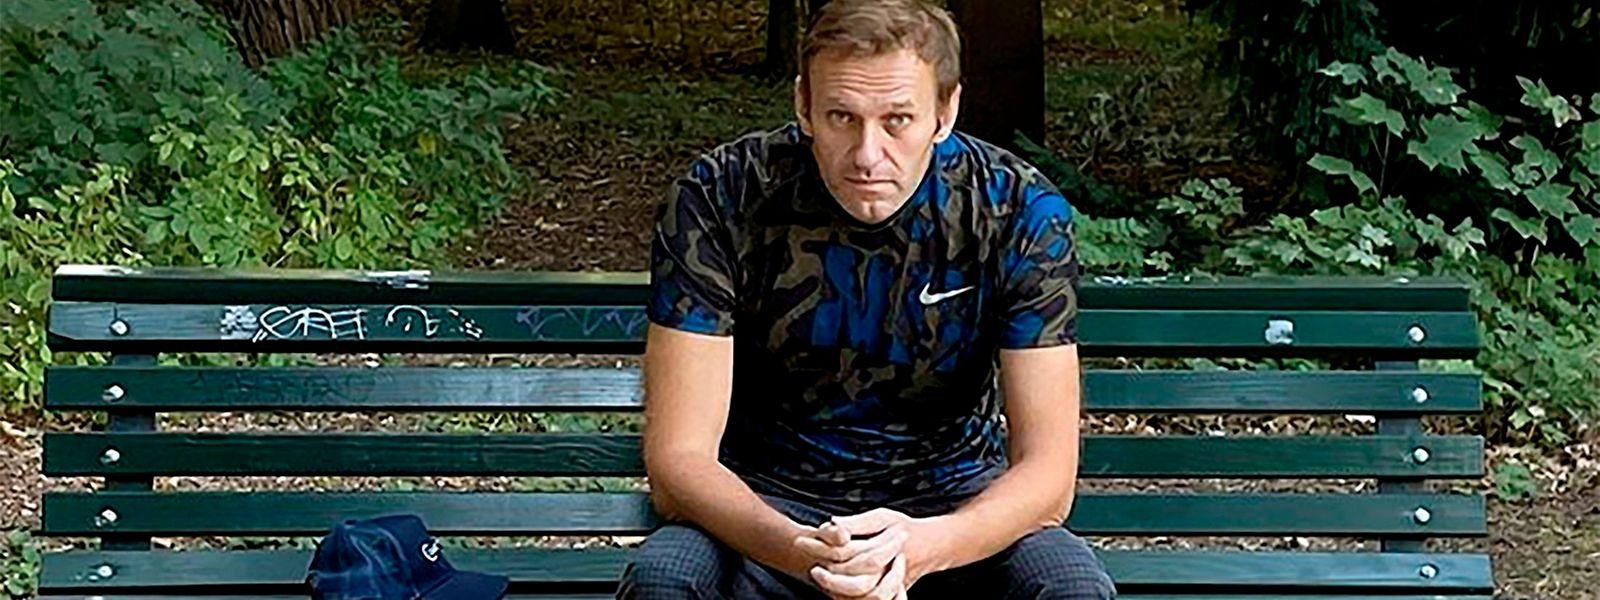 Alexey Nawalny rastet auf einer Parkbank in Berlin. Der Kremlgegner wurde vor kurzem aus dem Krankenhaus entlassen.